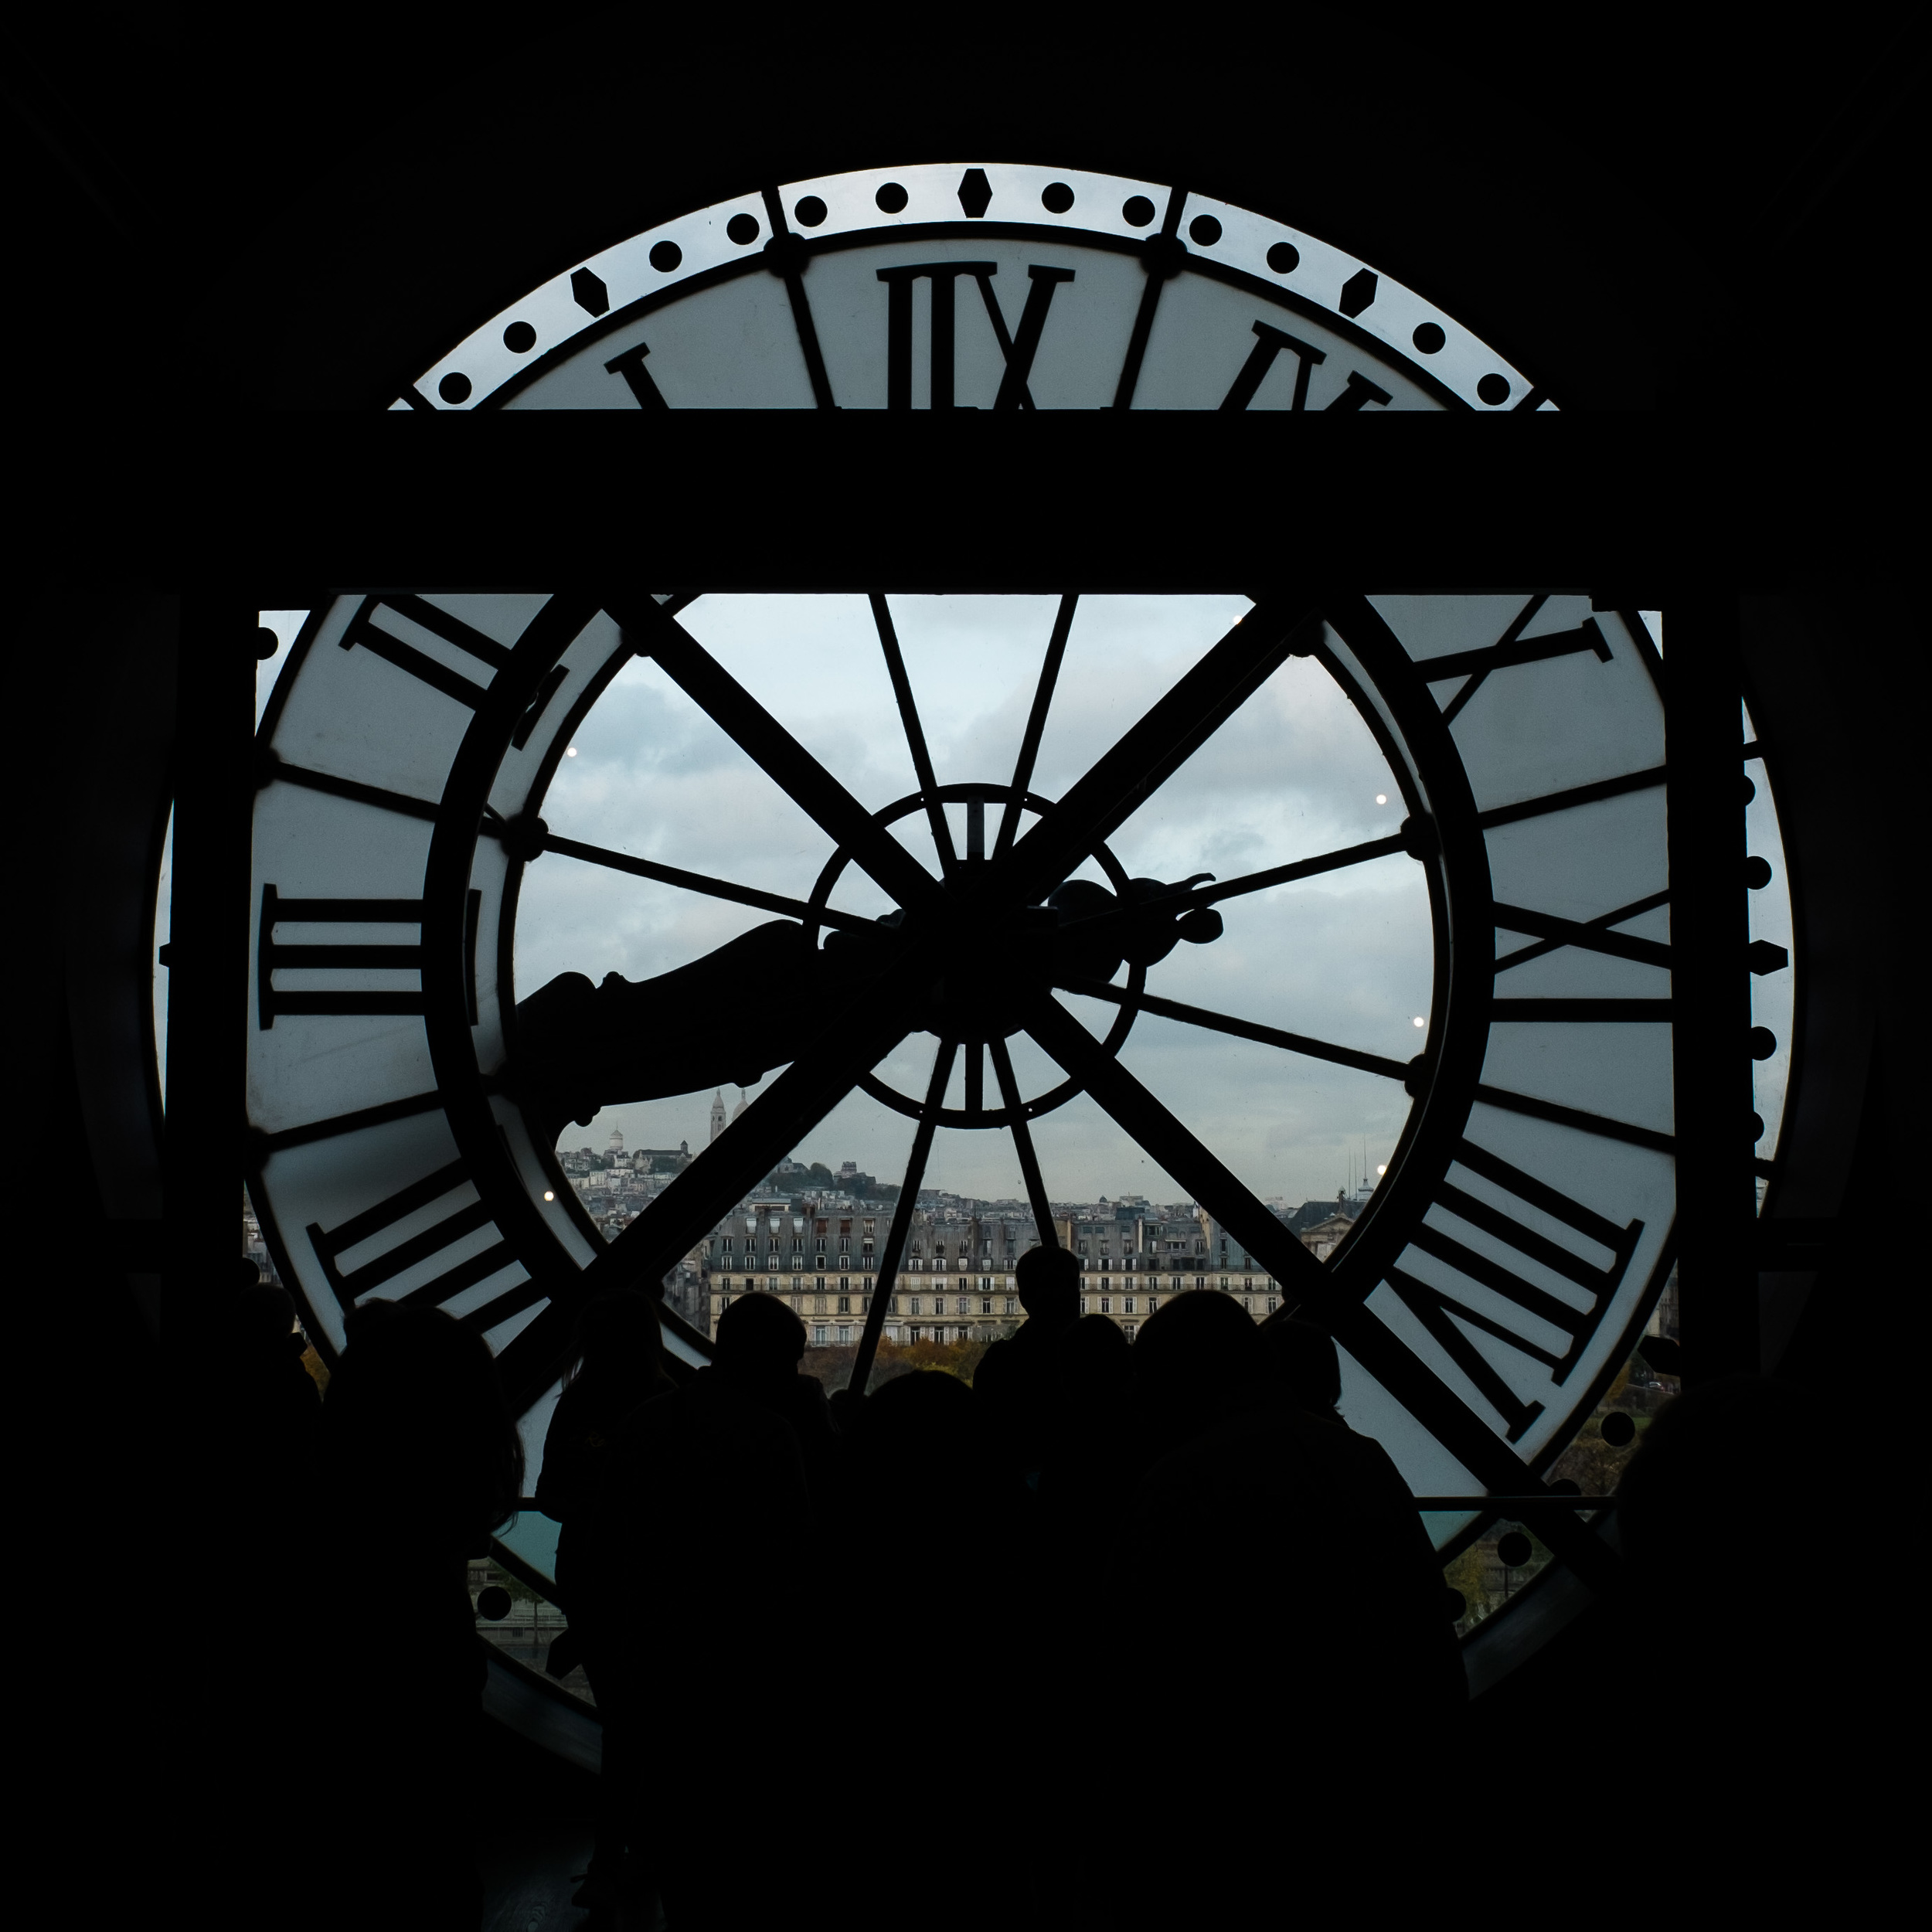 london-britian-cambridge-stmalo-mont-saint-michel-france-normandy-paris-097.jpg